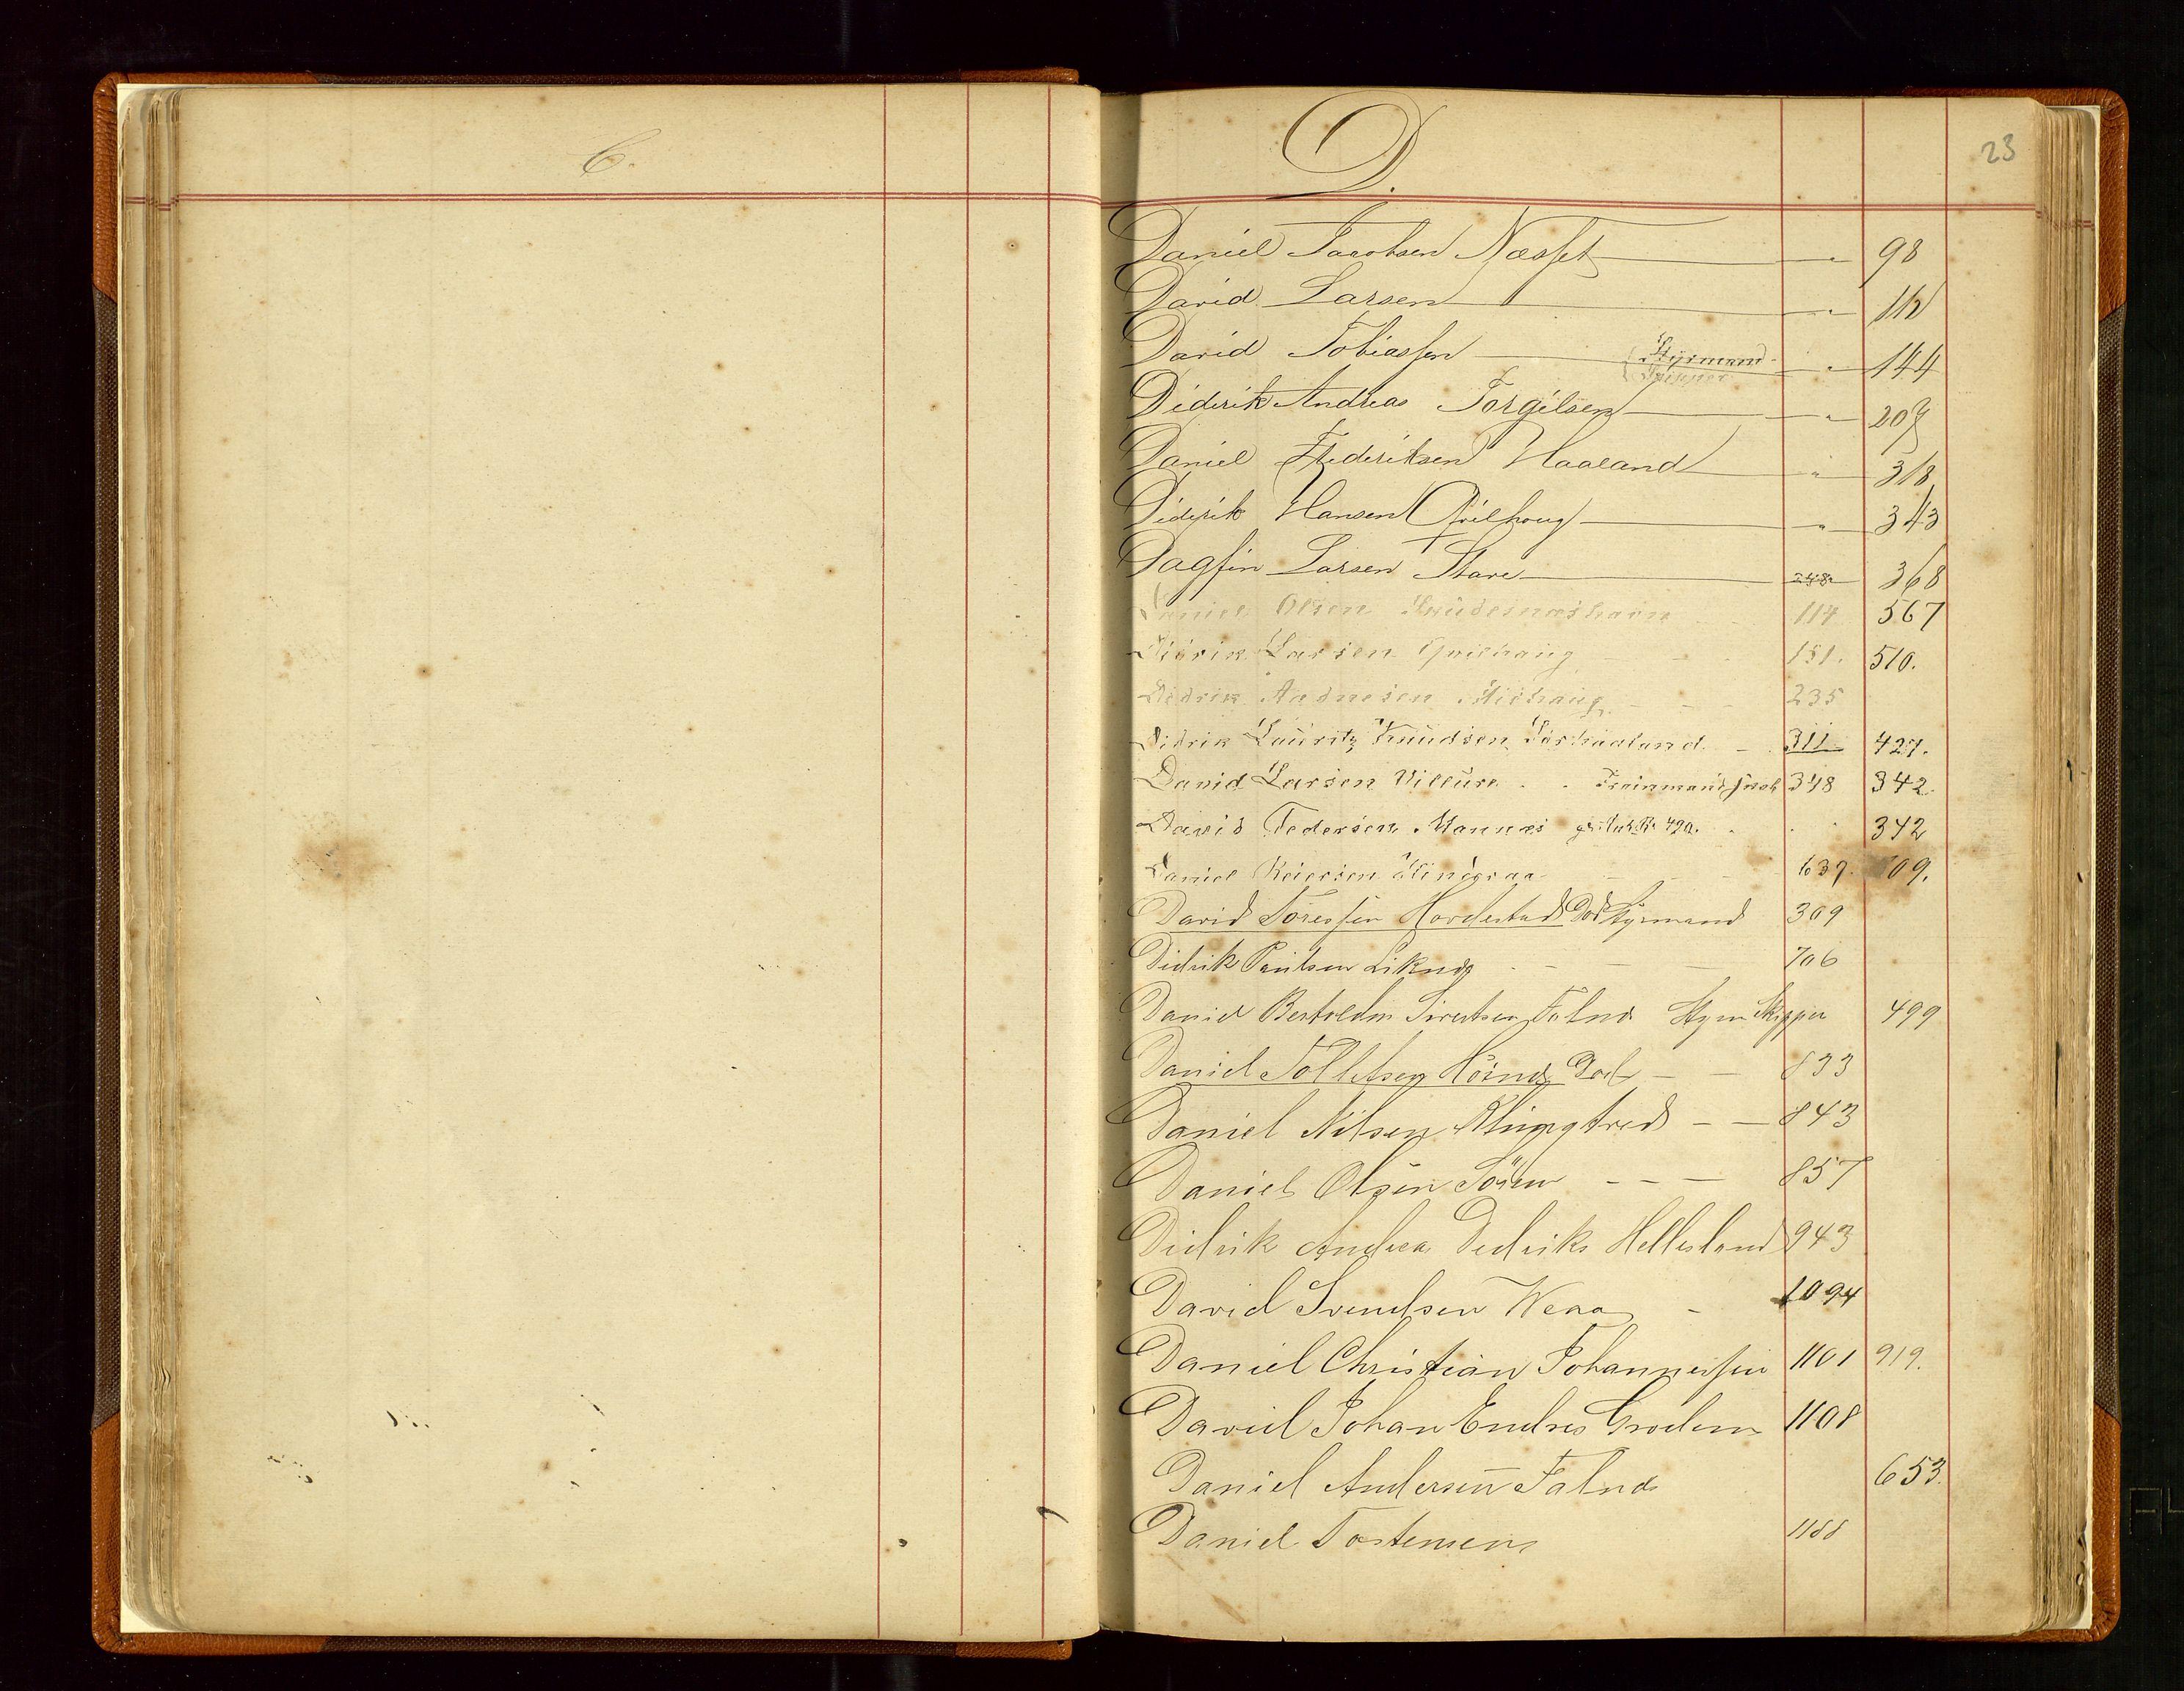 SAST, Haugesund sjømannskontor, F/Fb/Fba/L0003: Navneregister med henvisning til rullenummer (fornavn) Haugesund krets, 1860-1948, s. 23